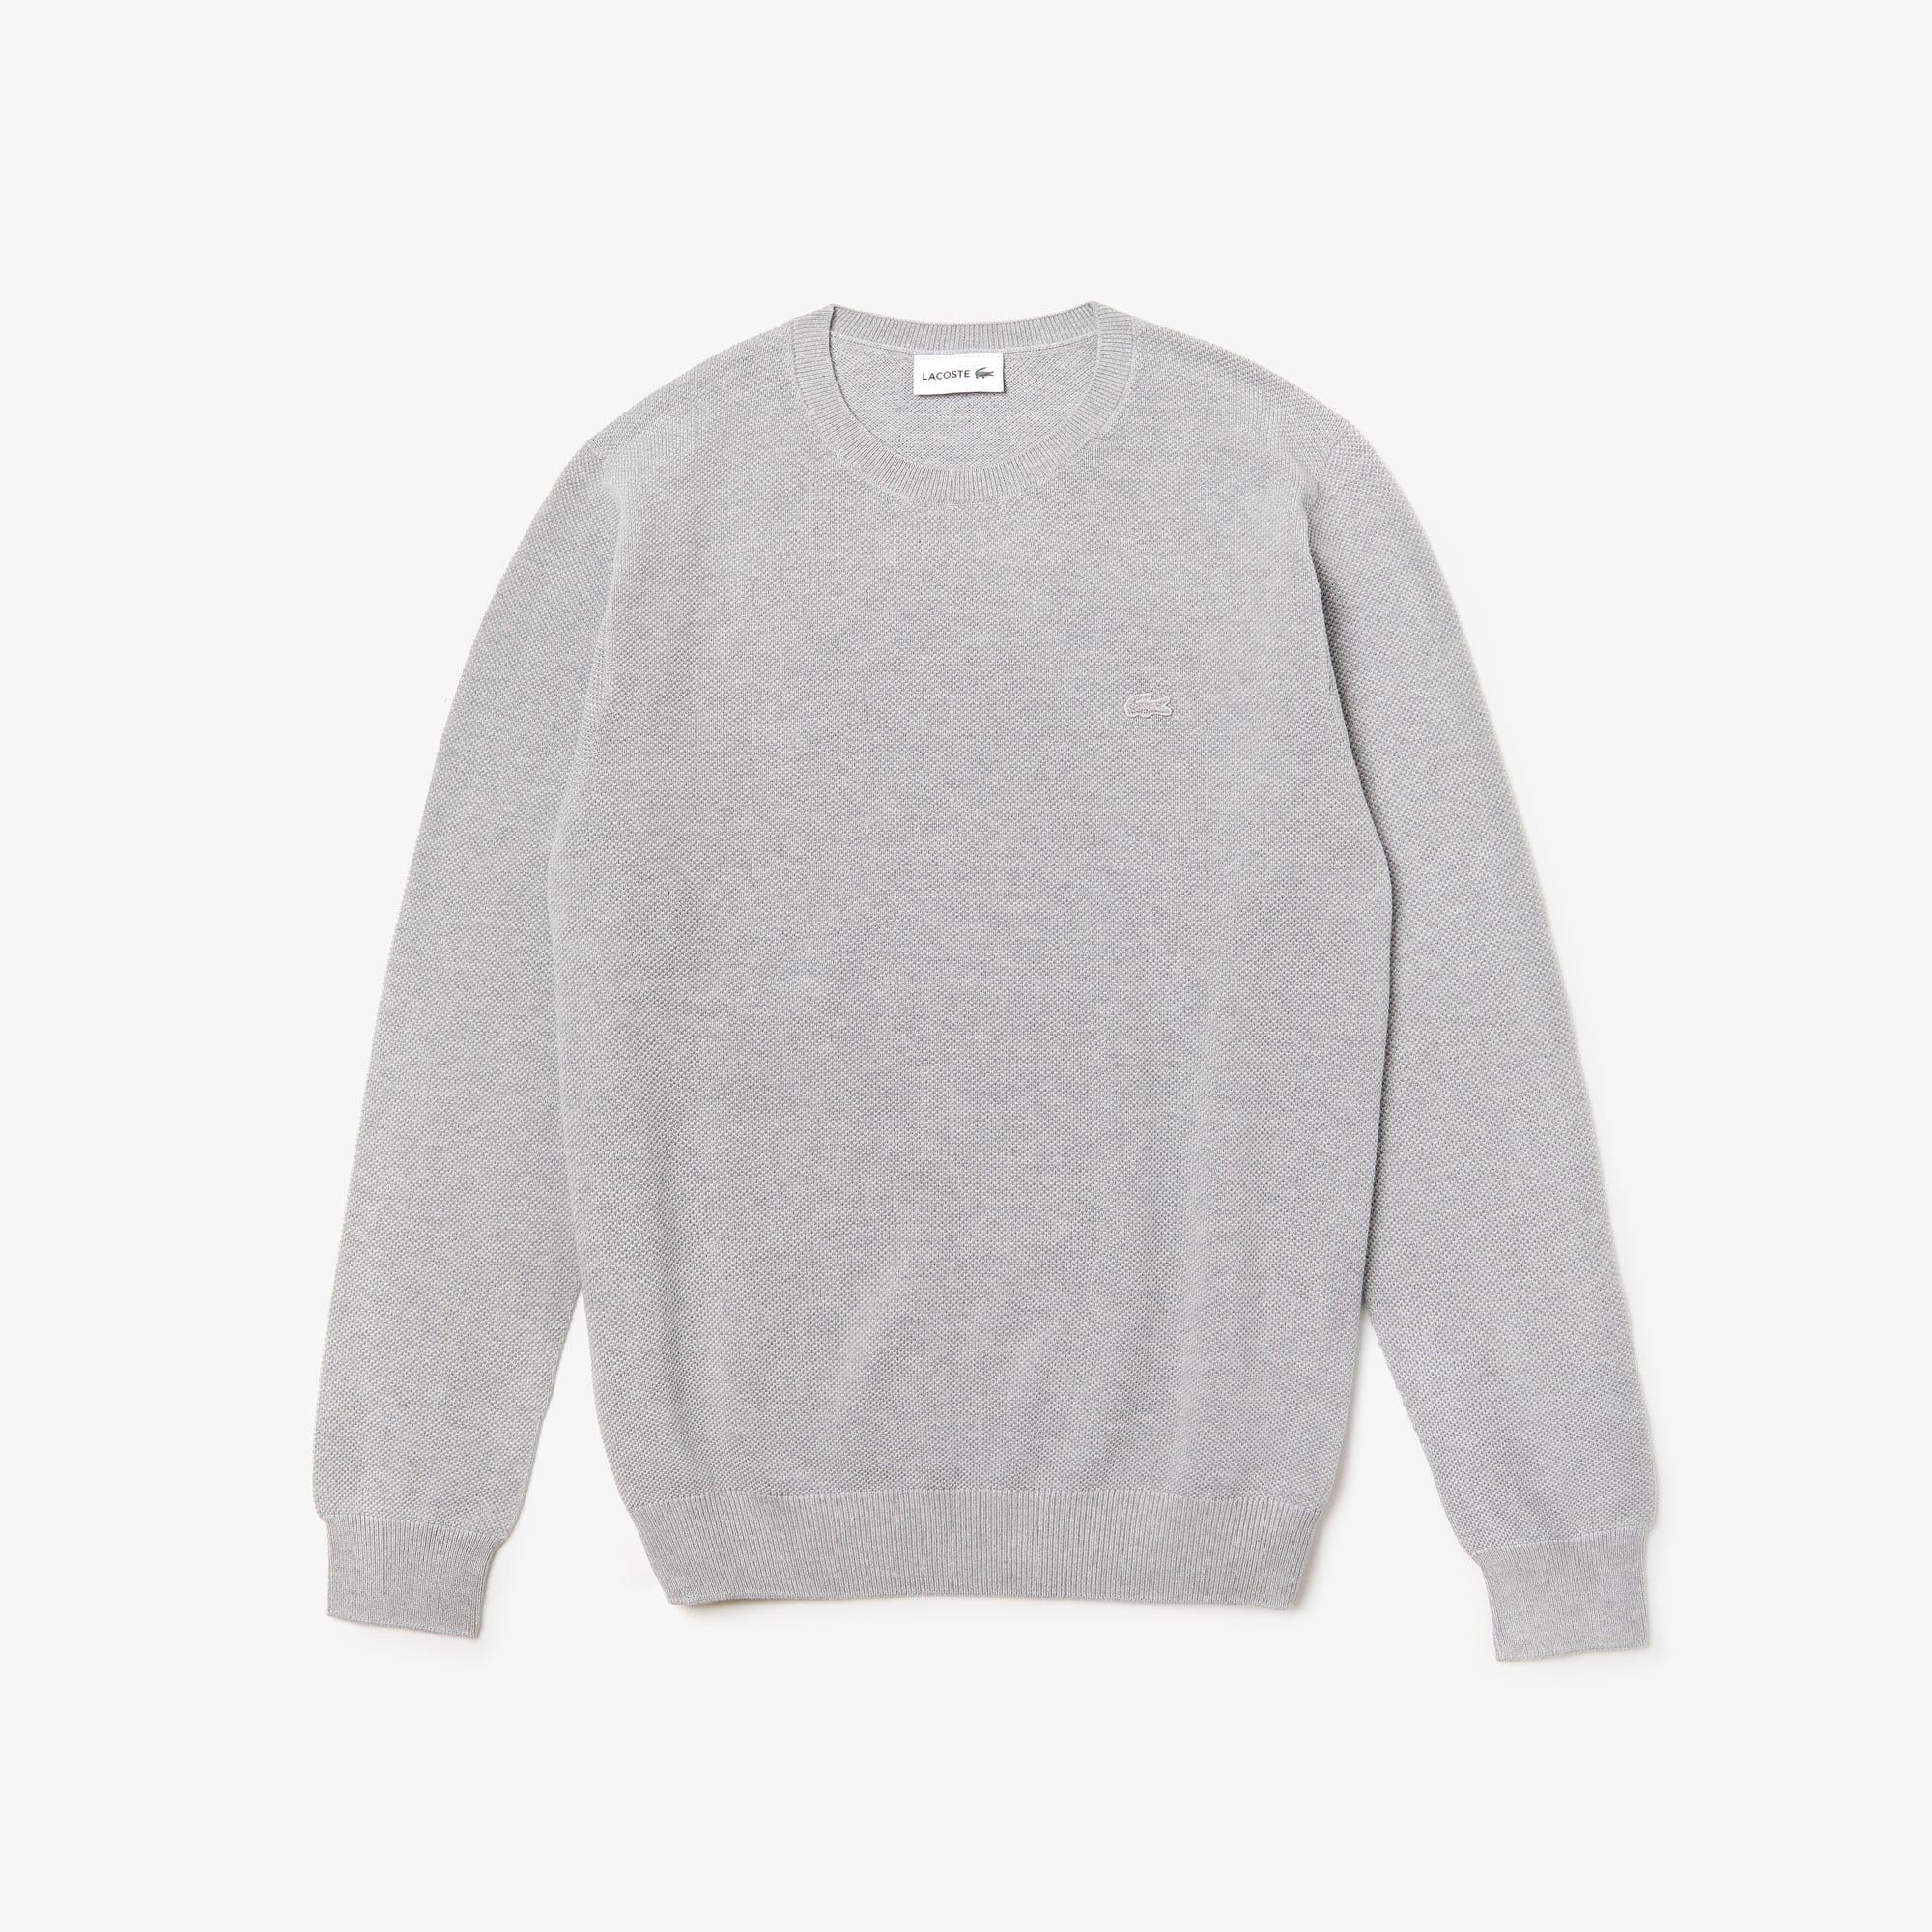 Lacoste - Herren-Rundhals-Pullover aus Baumwoll-Piqué - 3